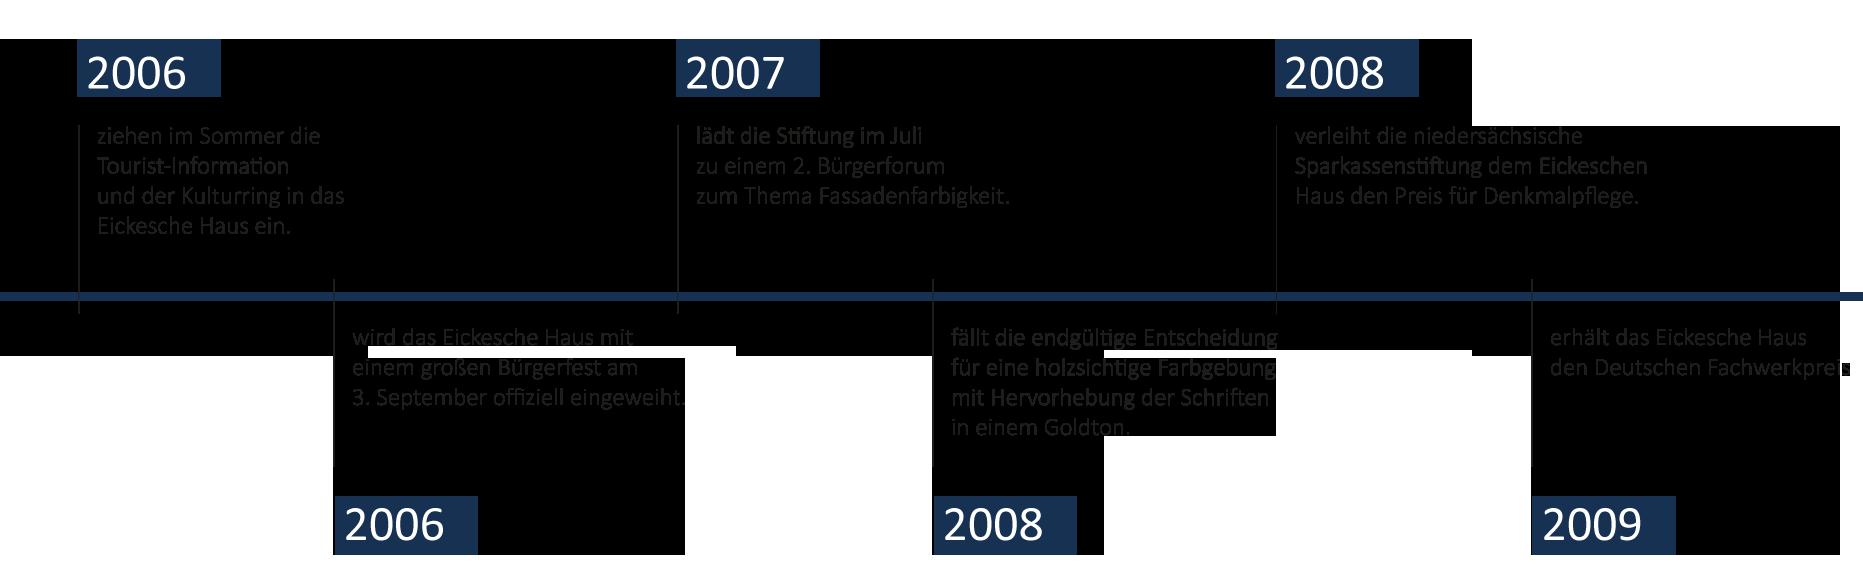 Zeitstrahl-Eickesches-HausFuerSlider4